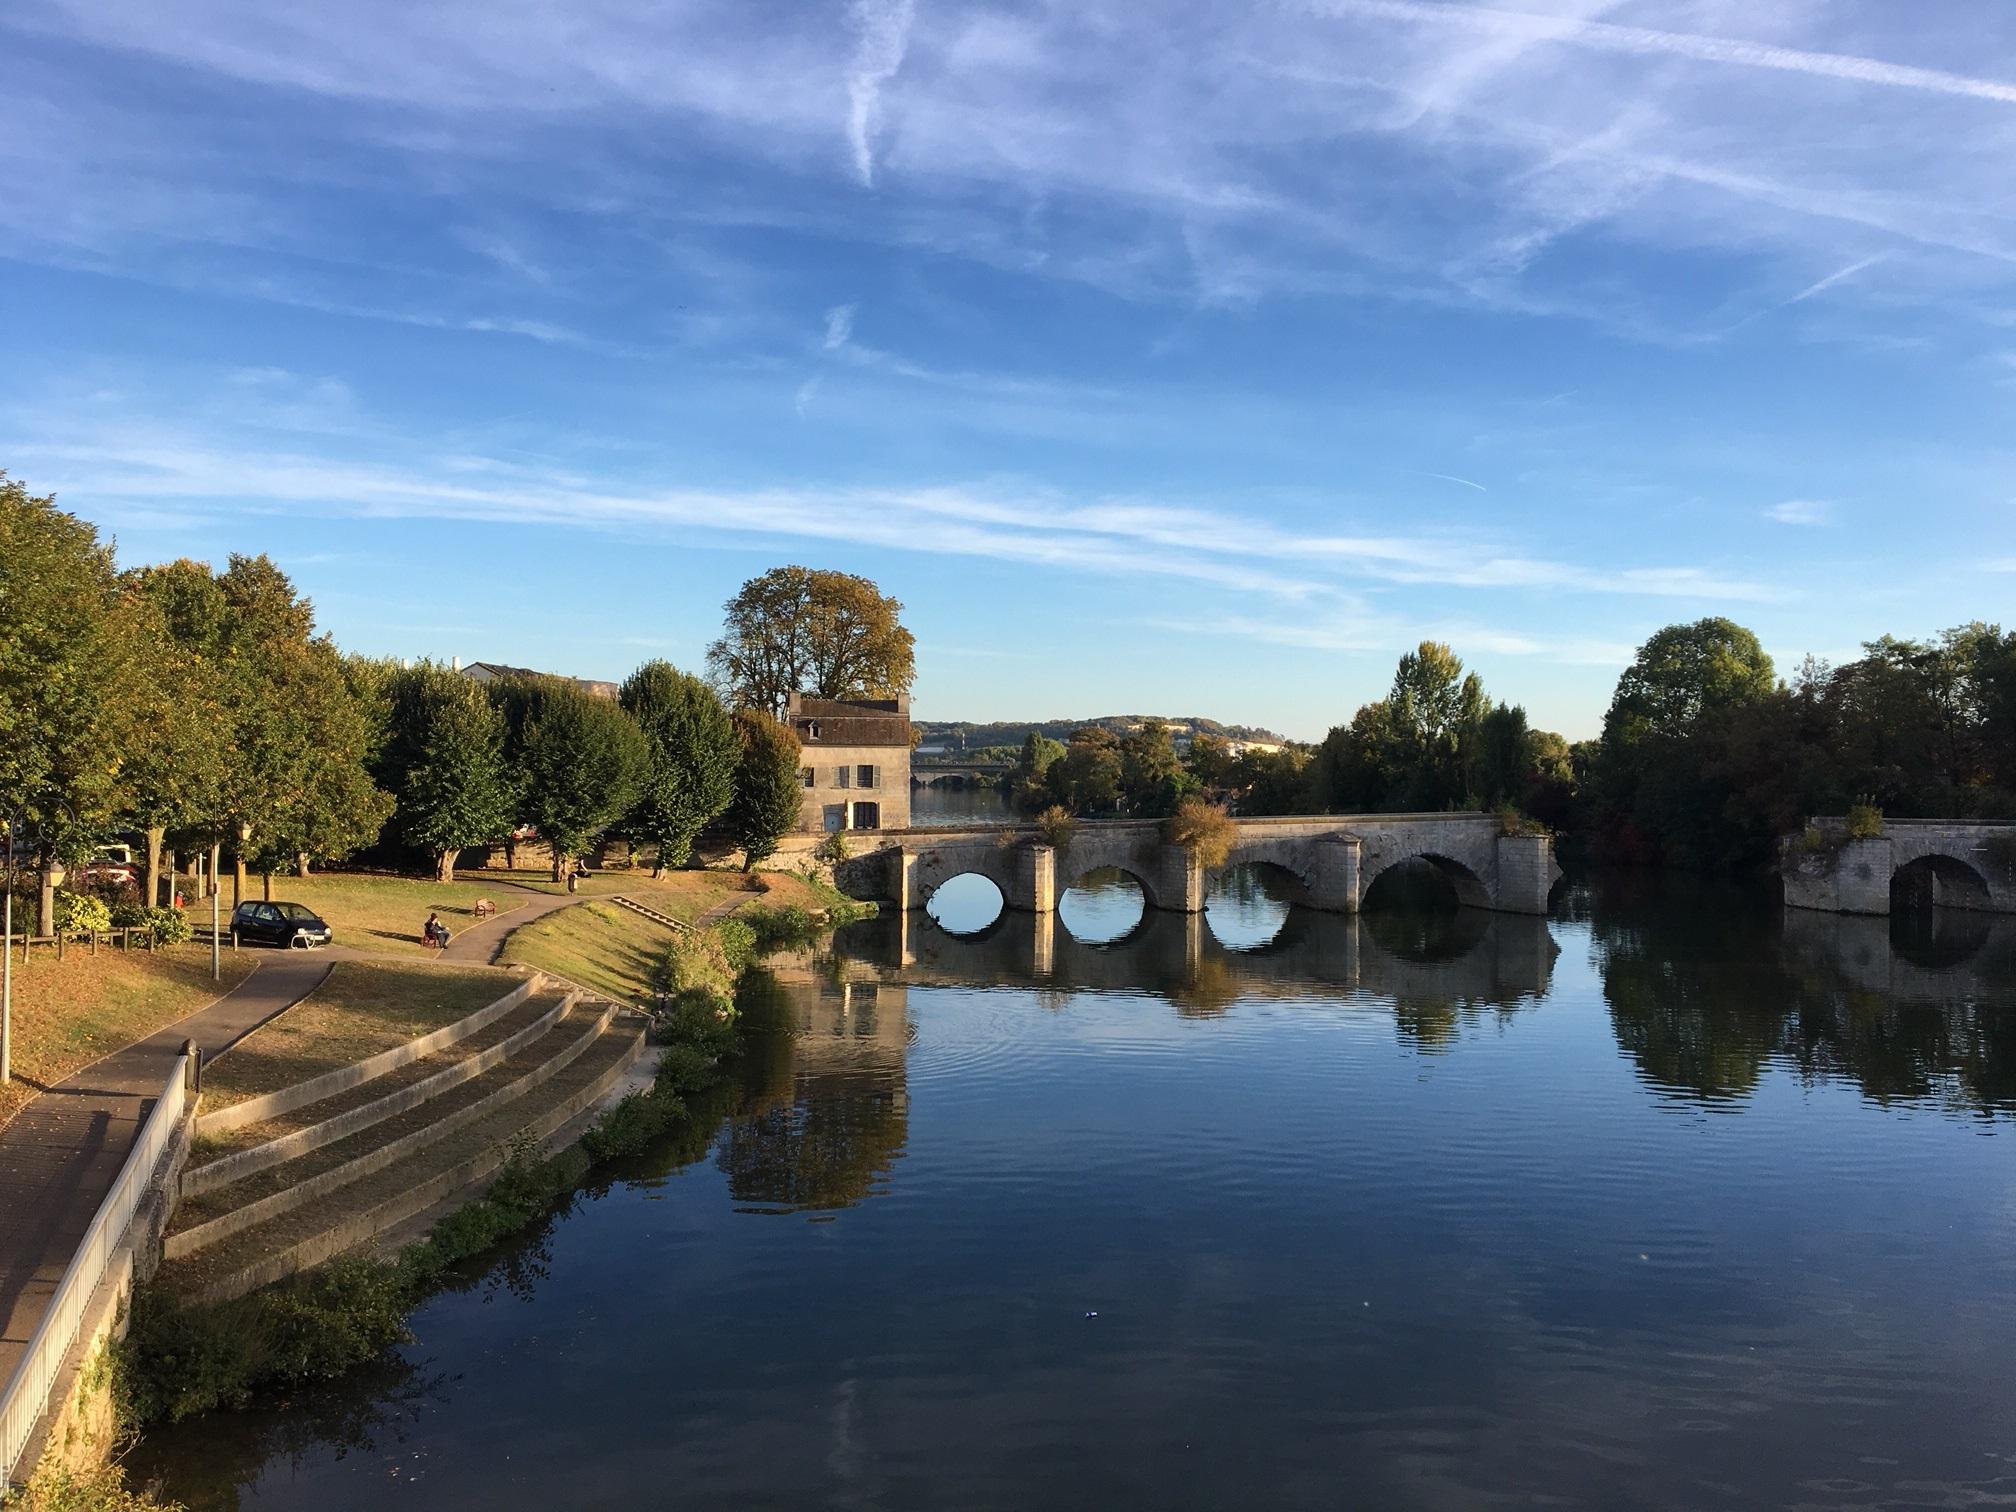 Pont_de_limay_vu_de_la_voie_rapide_cote_quai_Albert1er